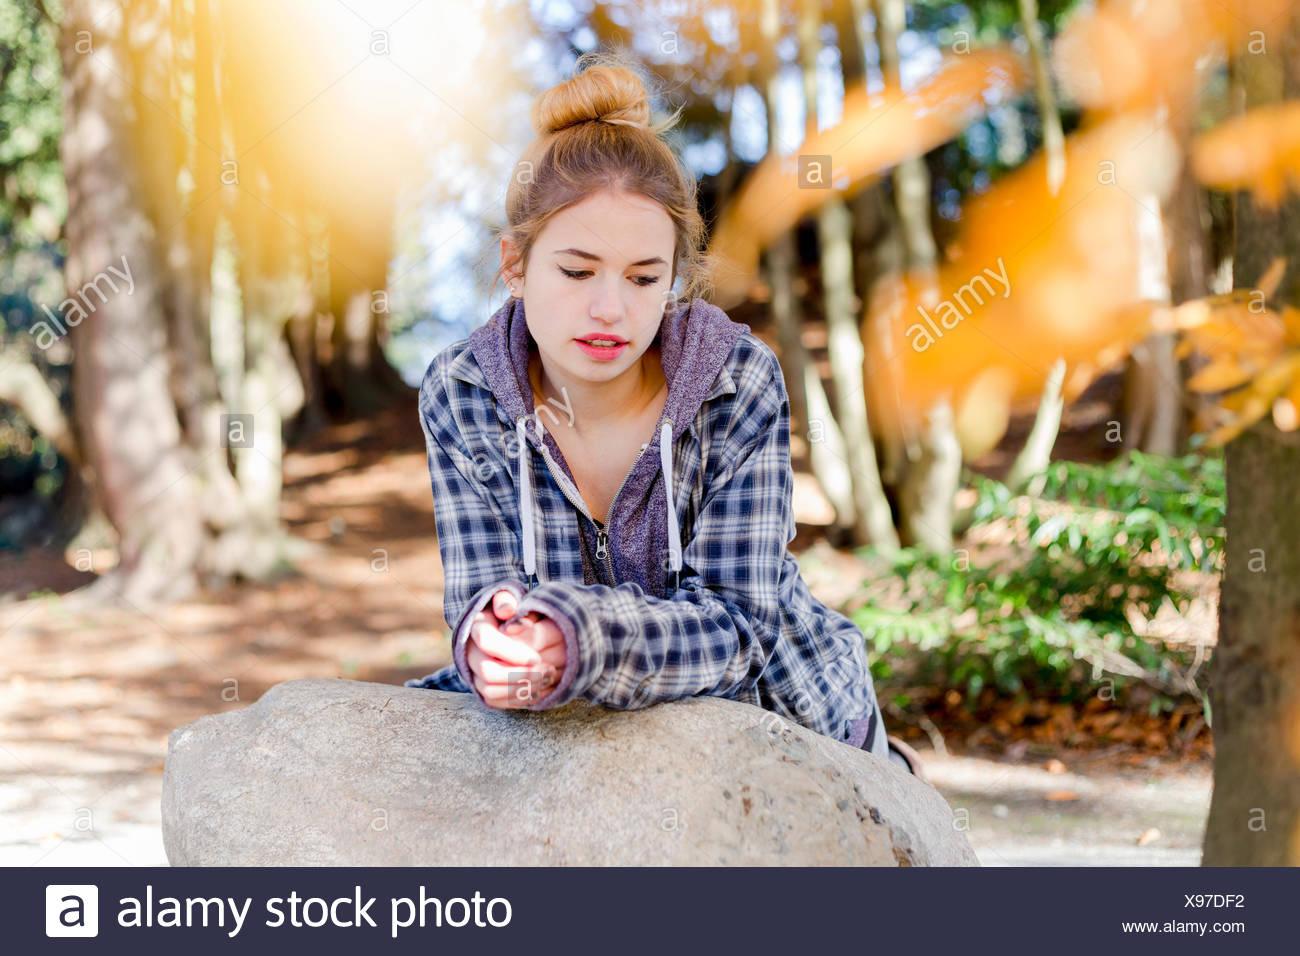 Cette jeune adolescente passe son temps seul dans un parc, assis sur un rocher en position désengagée de penser à elle-même Photo Stock